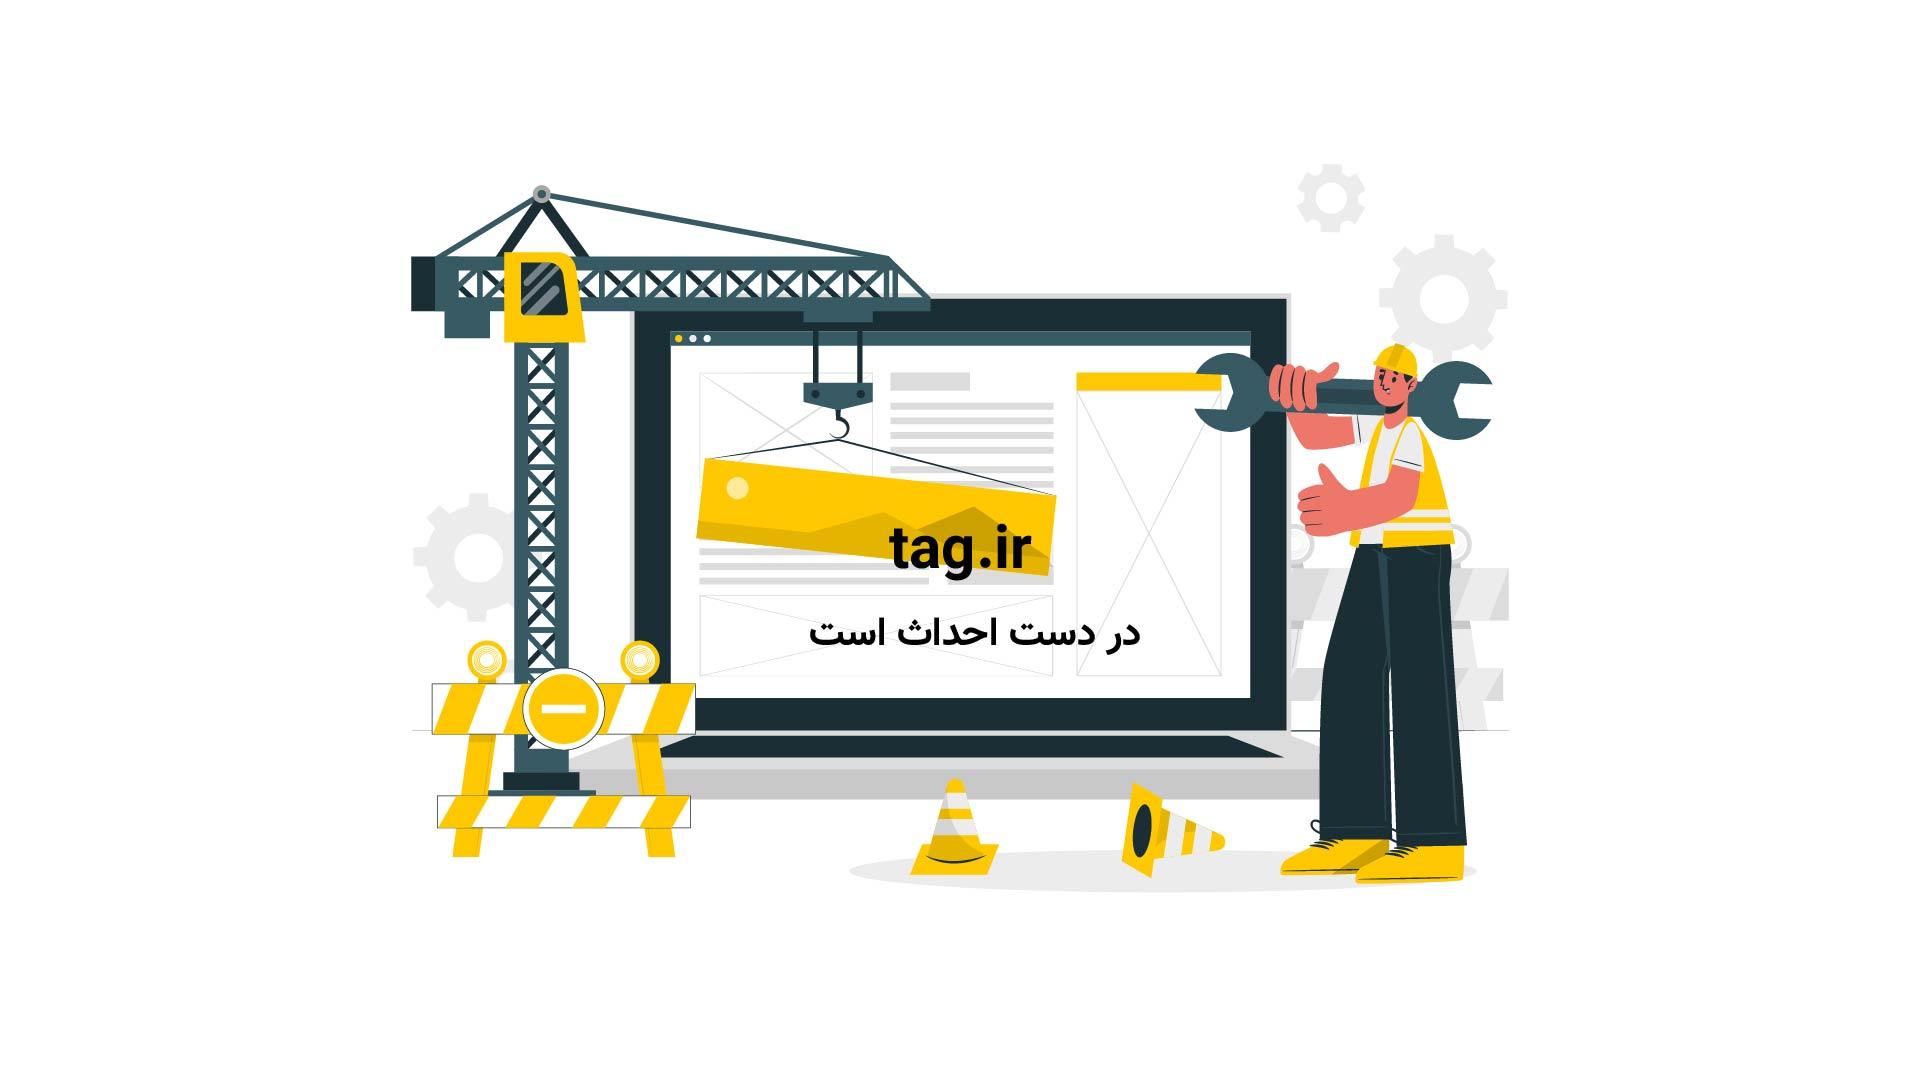 نبرد و درگیری ببرها بر سر لاشه شکار | فیلم